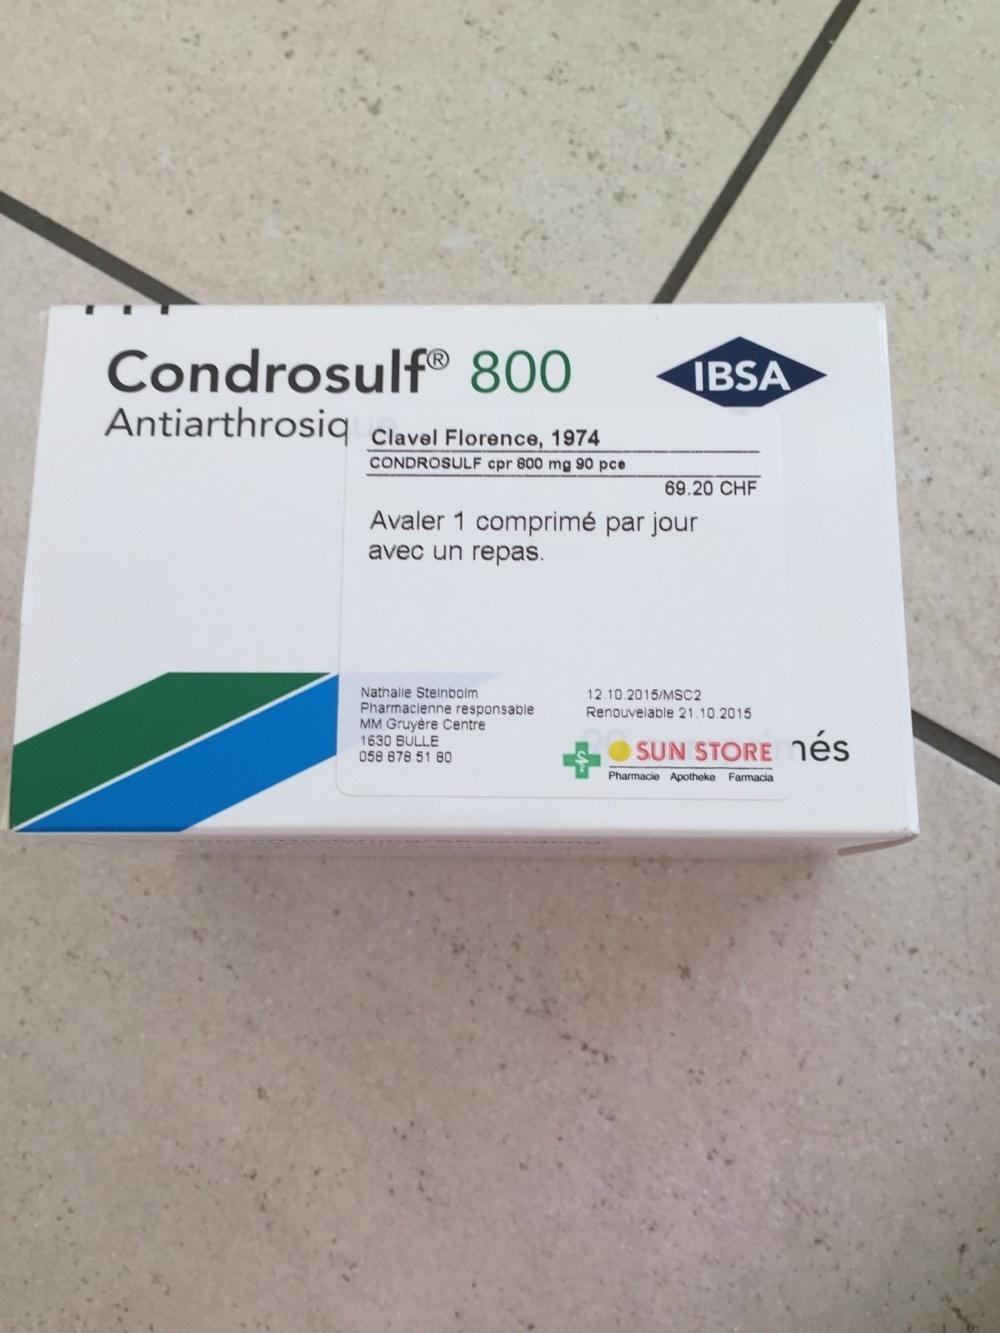 Condrosulf 800 - Product